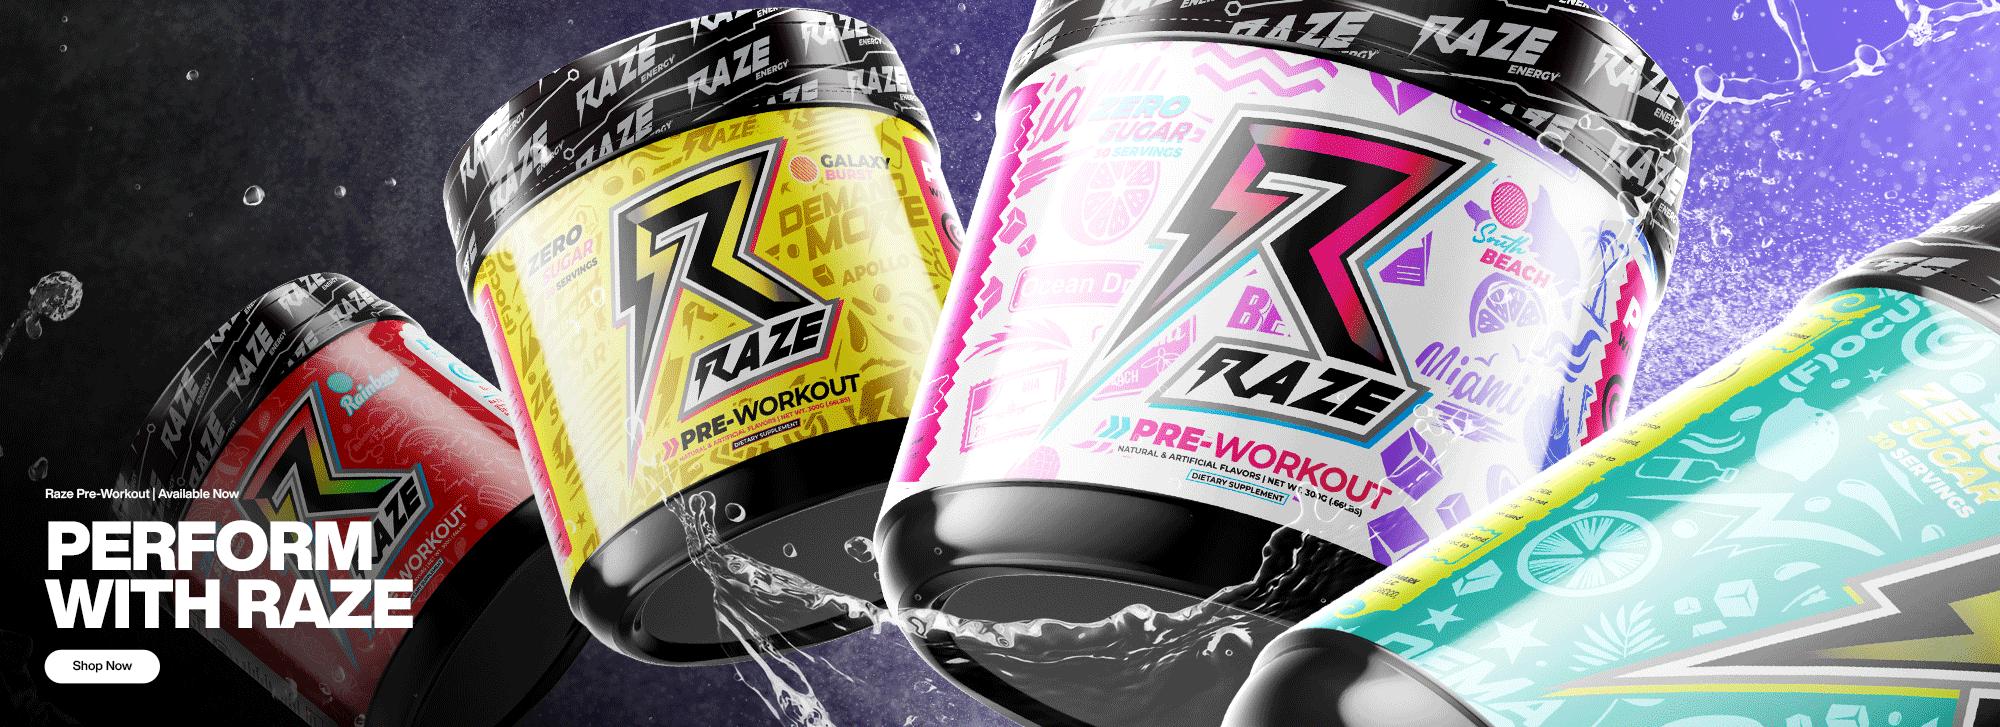 Raze Pre-Workout